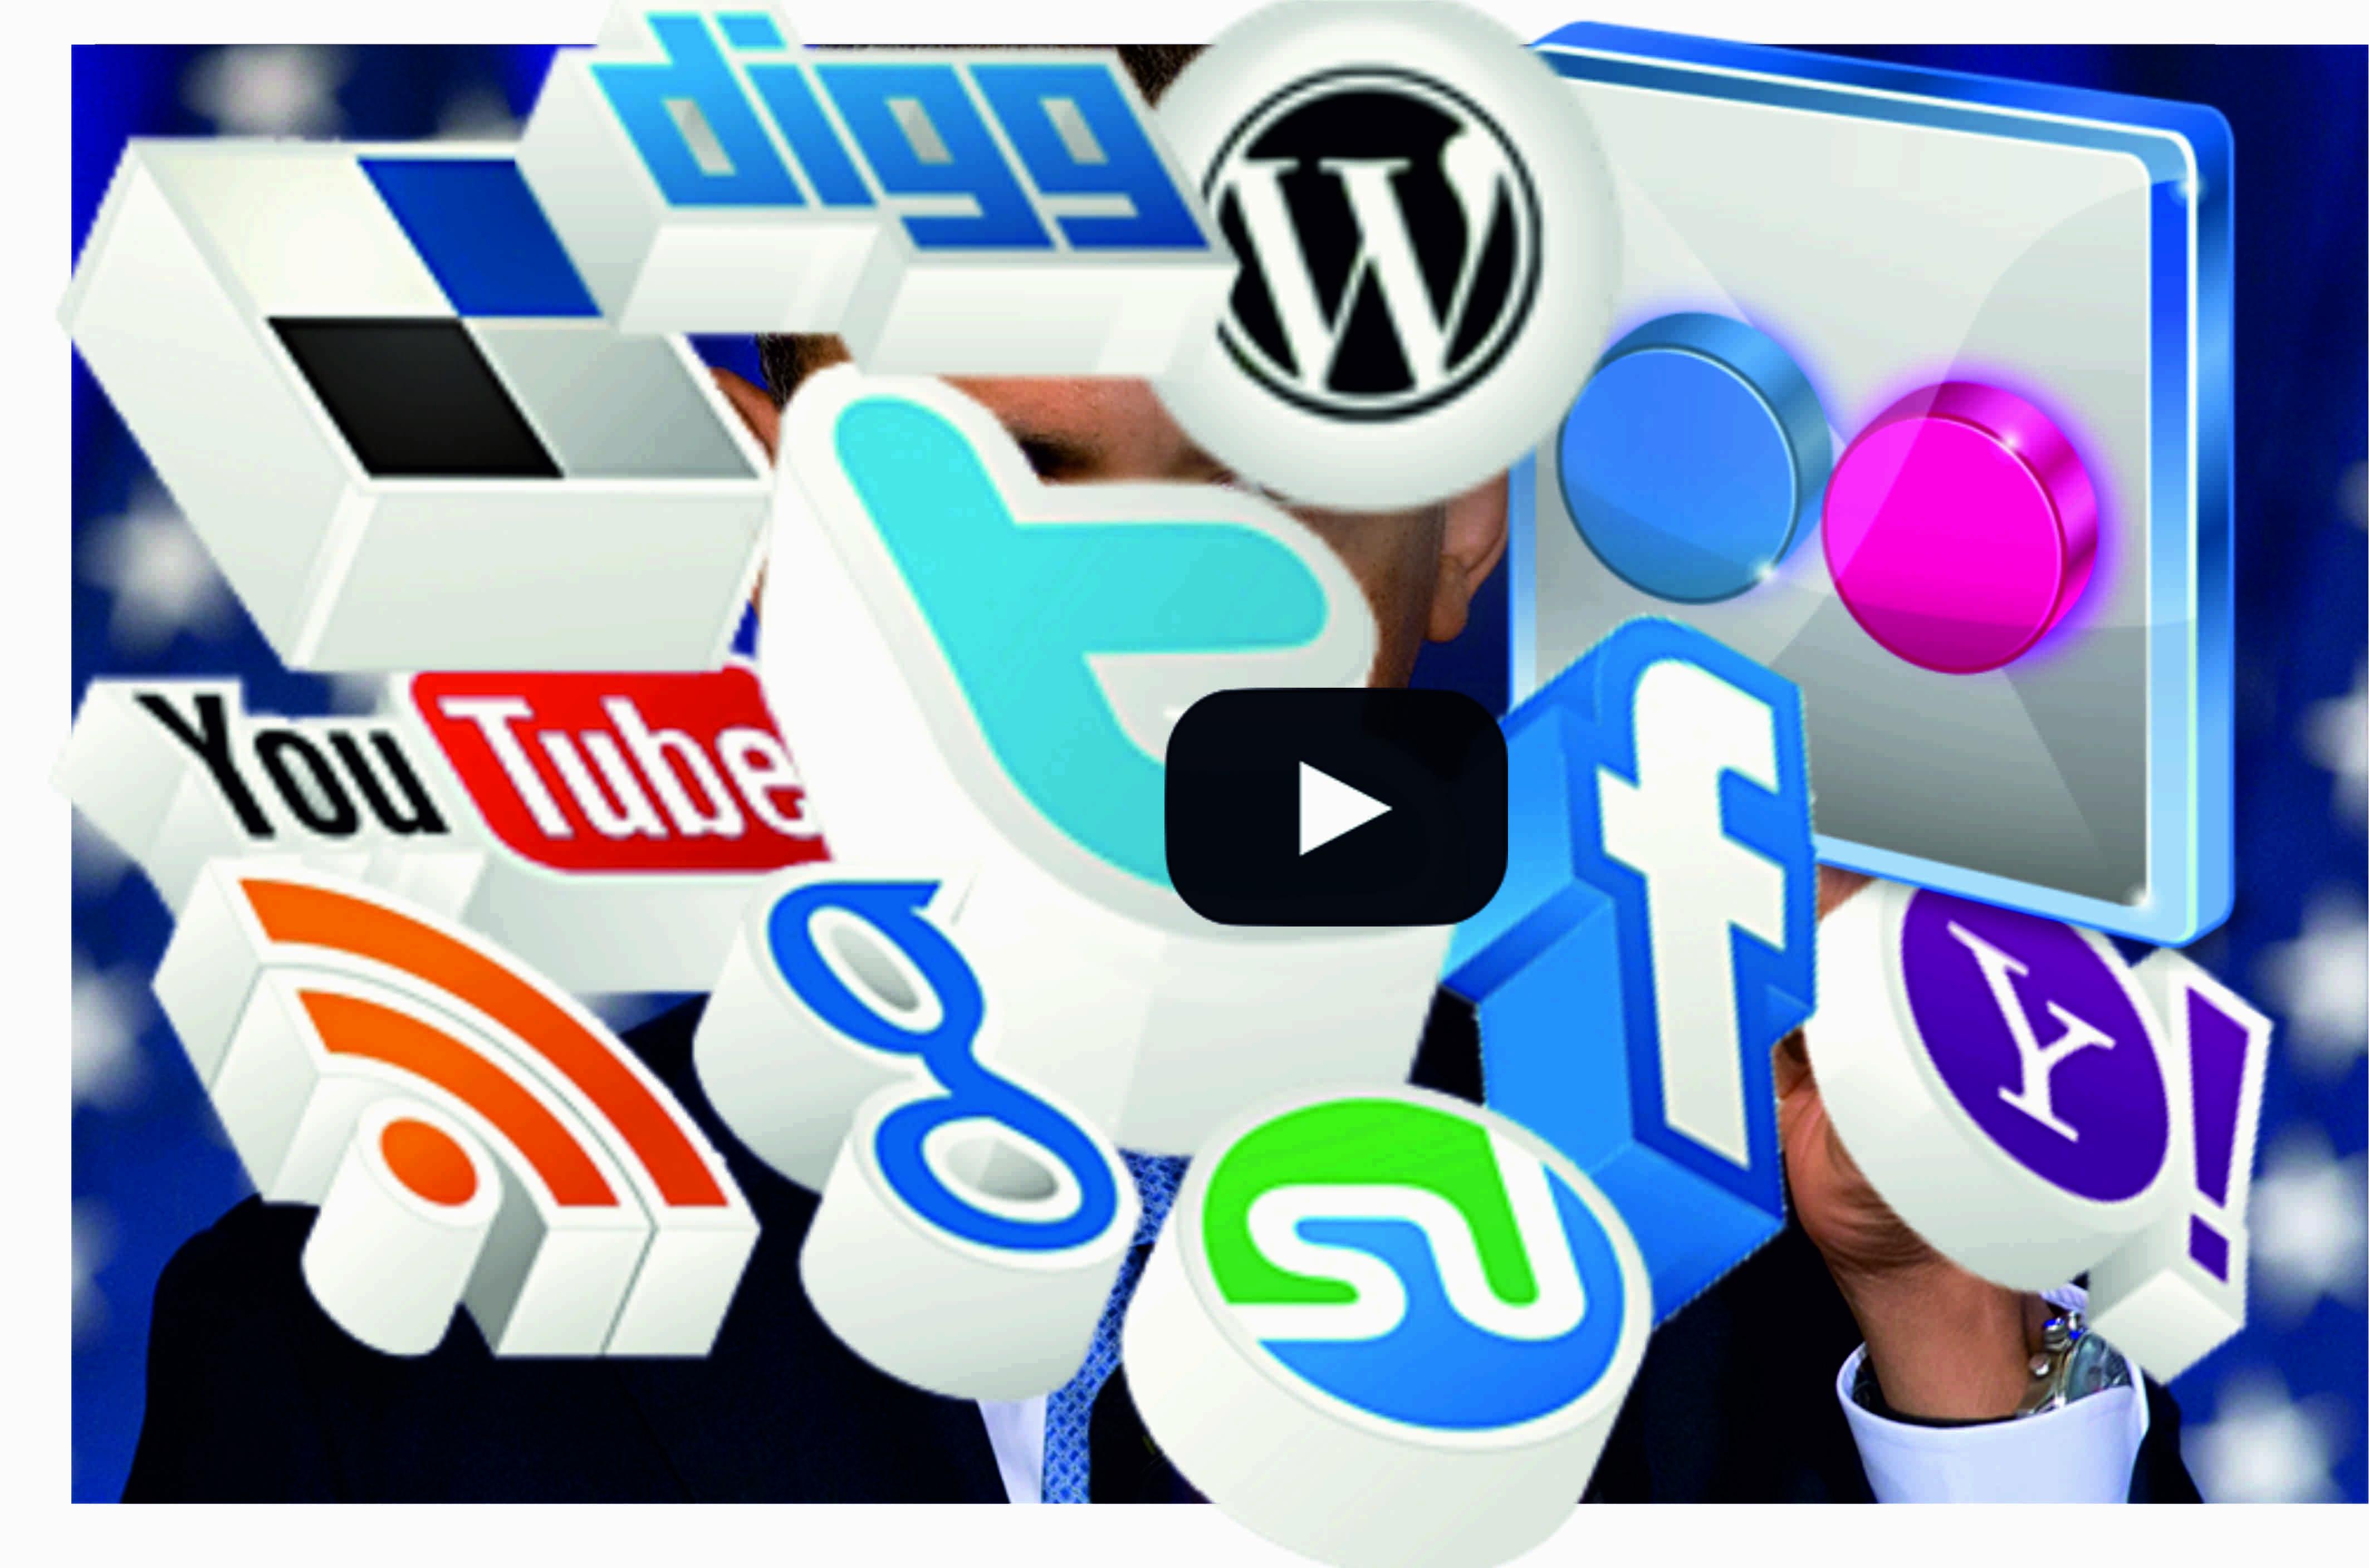 Las redes sociales como mecanismo de cambio social